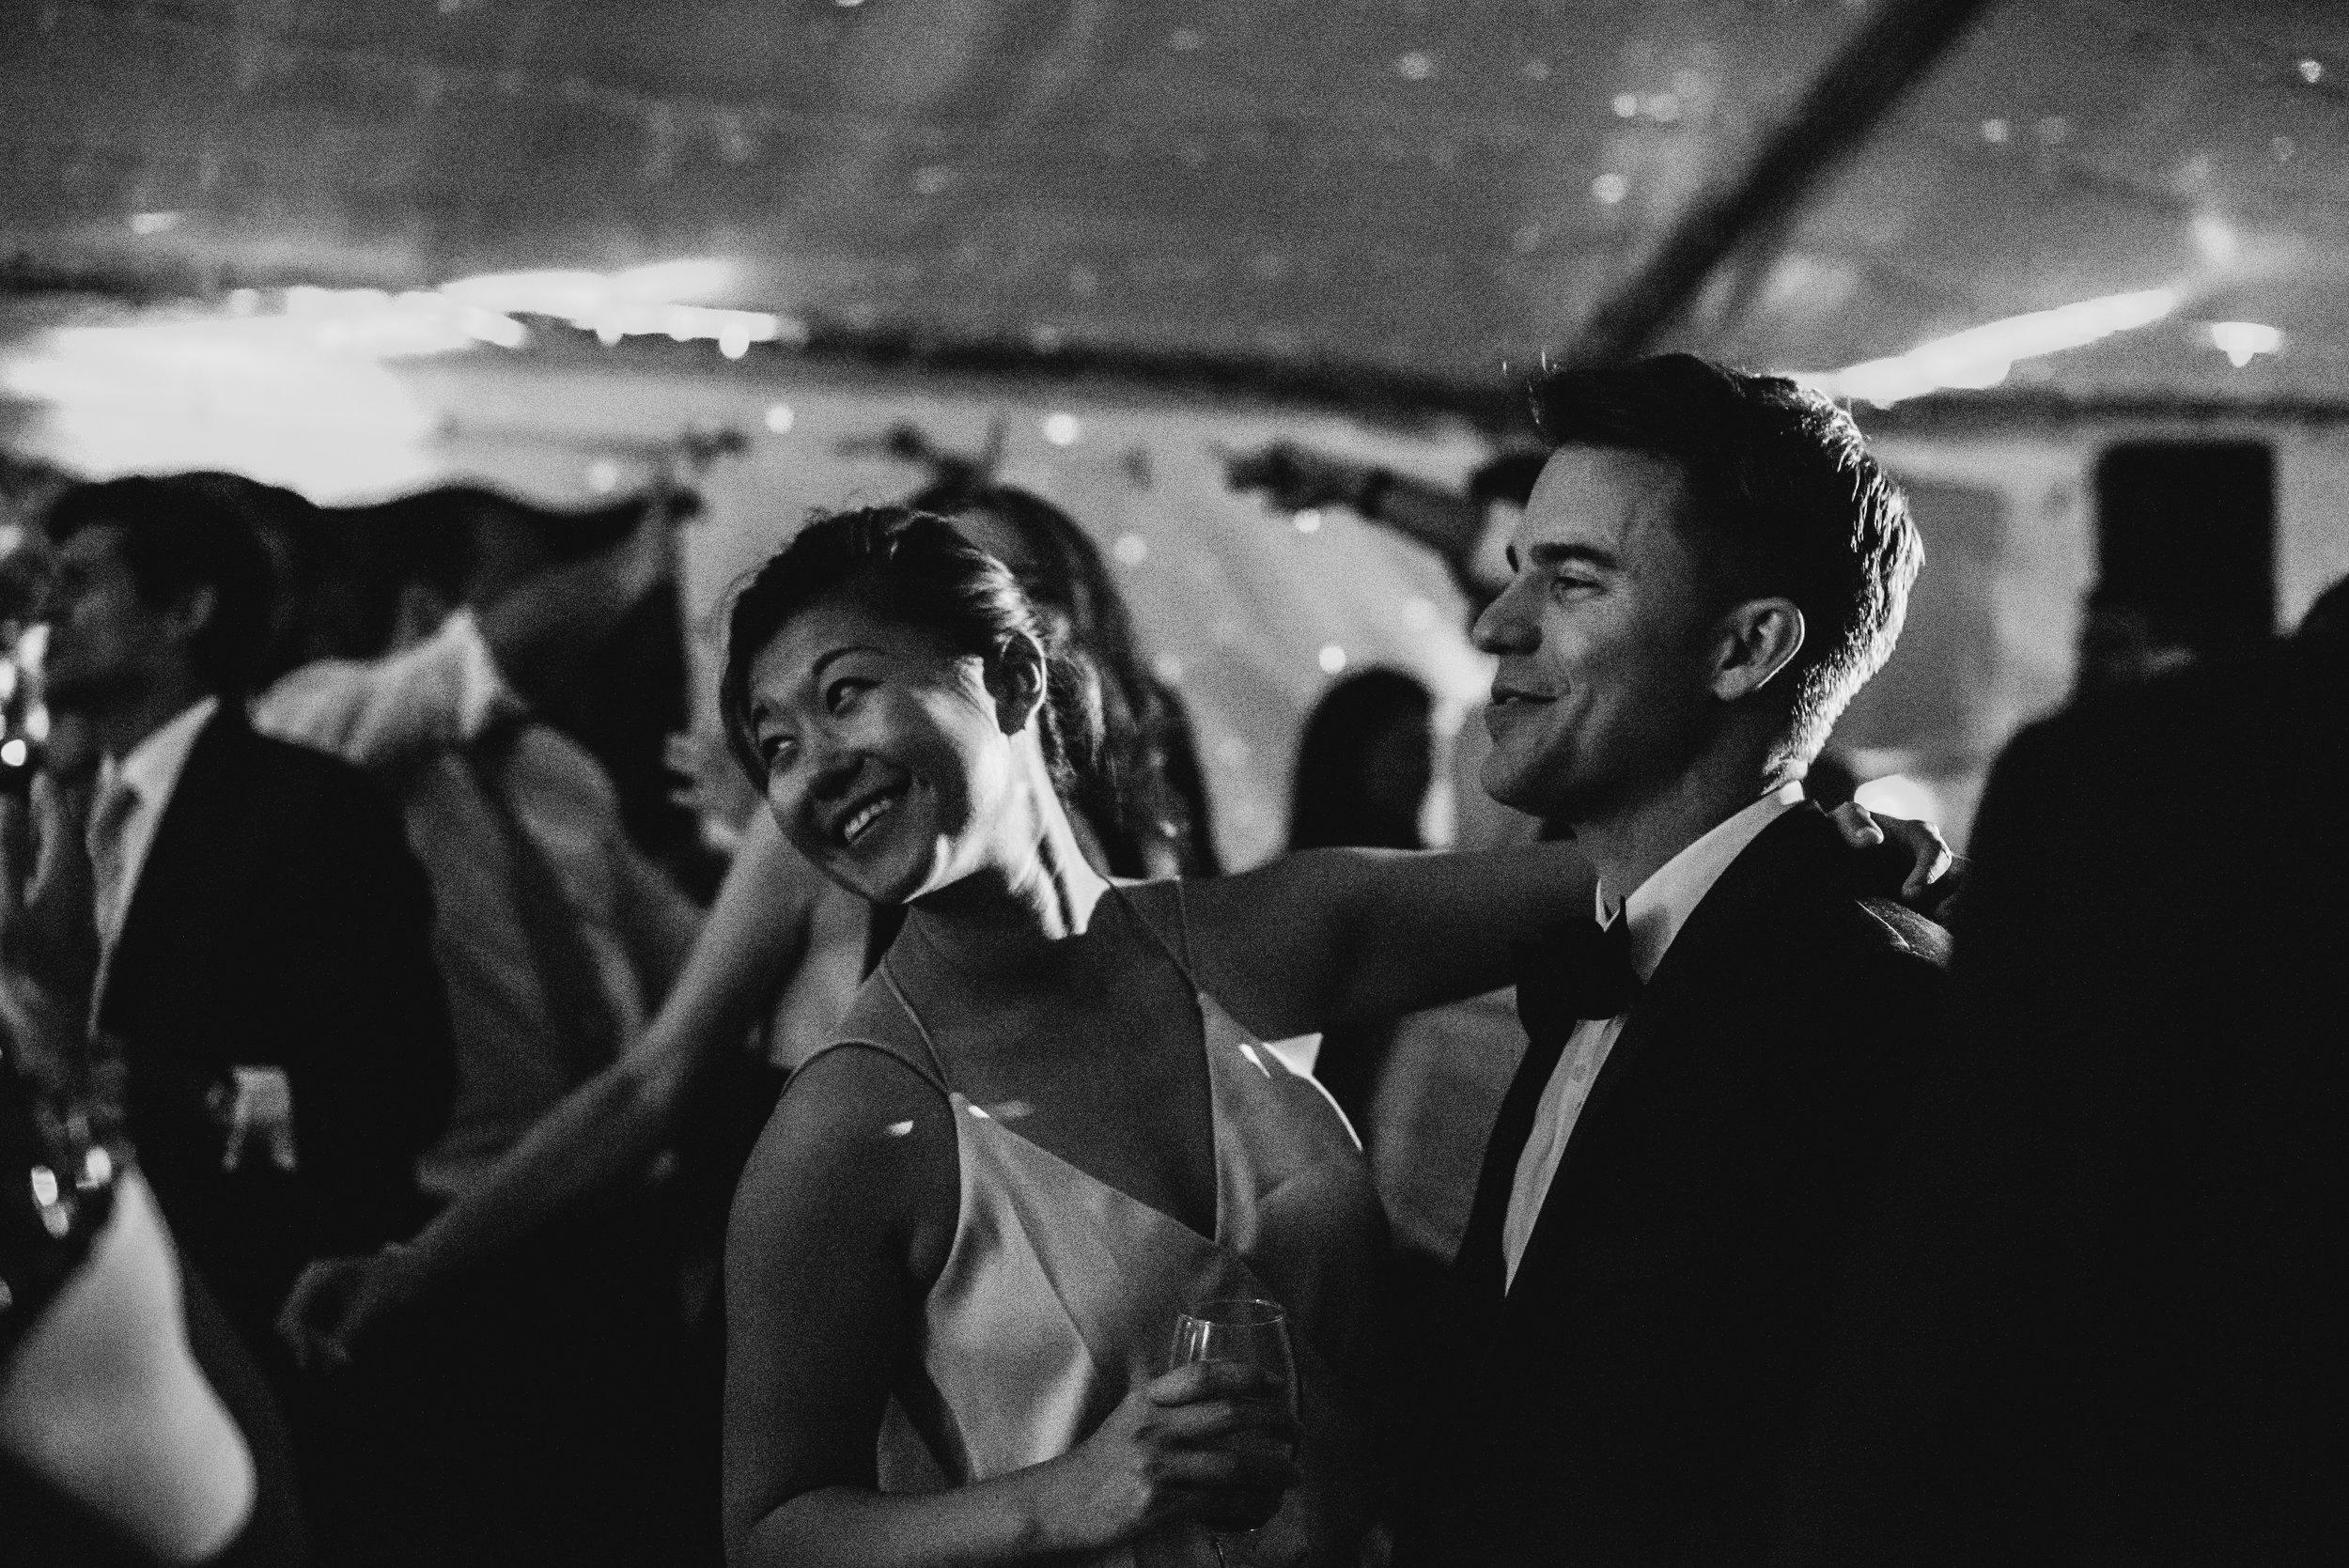 Léa-Fery-photographe-professionnel-lyon-rhone-alpes-portrait-creation-mariage-evenement-evenementiel-famille-2027.jpg